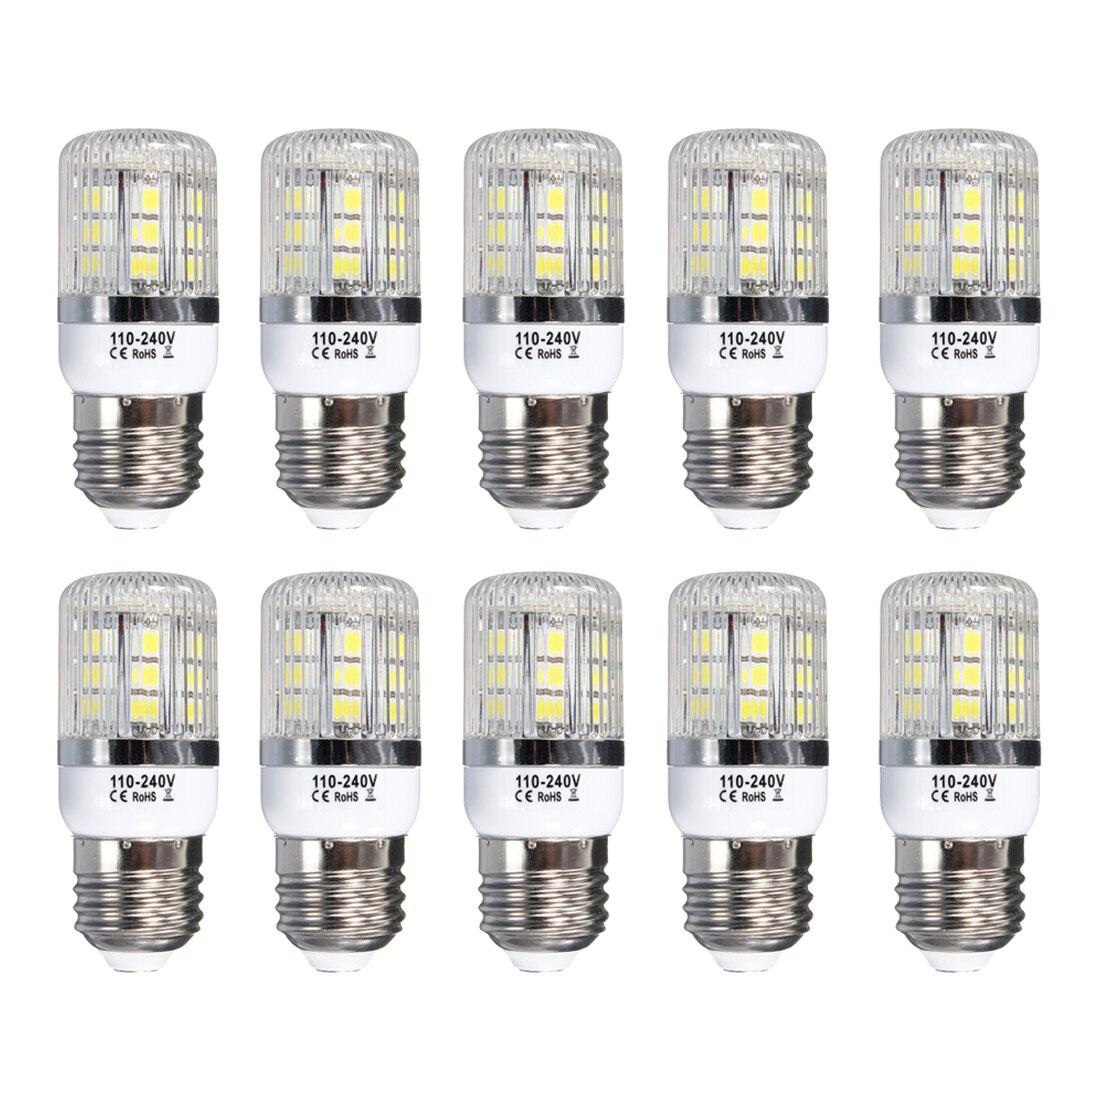 E27 5W Dimmable 27 SMD 5050 LED Corn Light Bulb Lamp Base Type:E27-5W Pure White(6000-6500K) Amount:10 Pcs new corn bulb e27 9 11 12 14w 220v pure warm white smd 5050 44 52 60 64 led spot light bulb lamp flat tube